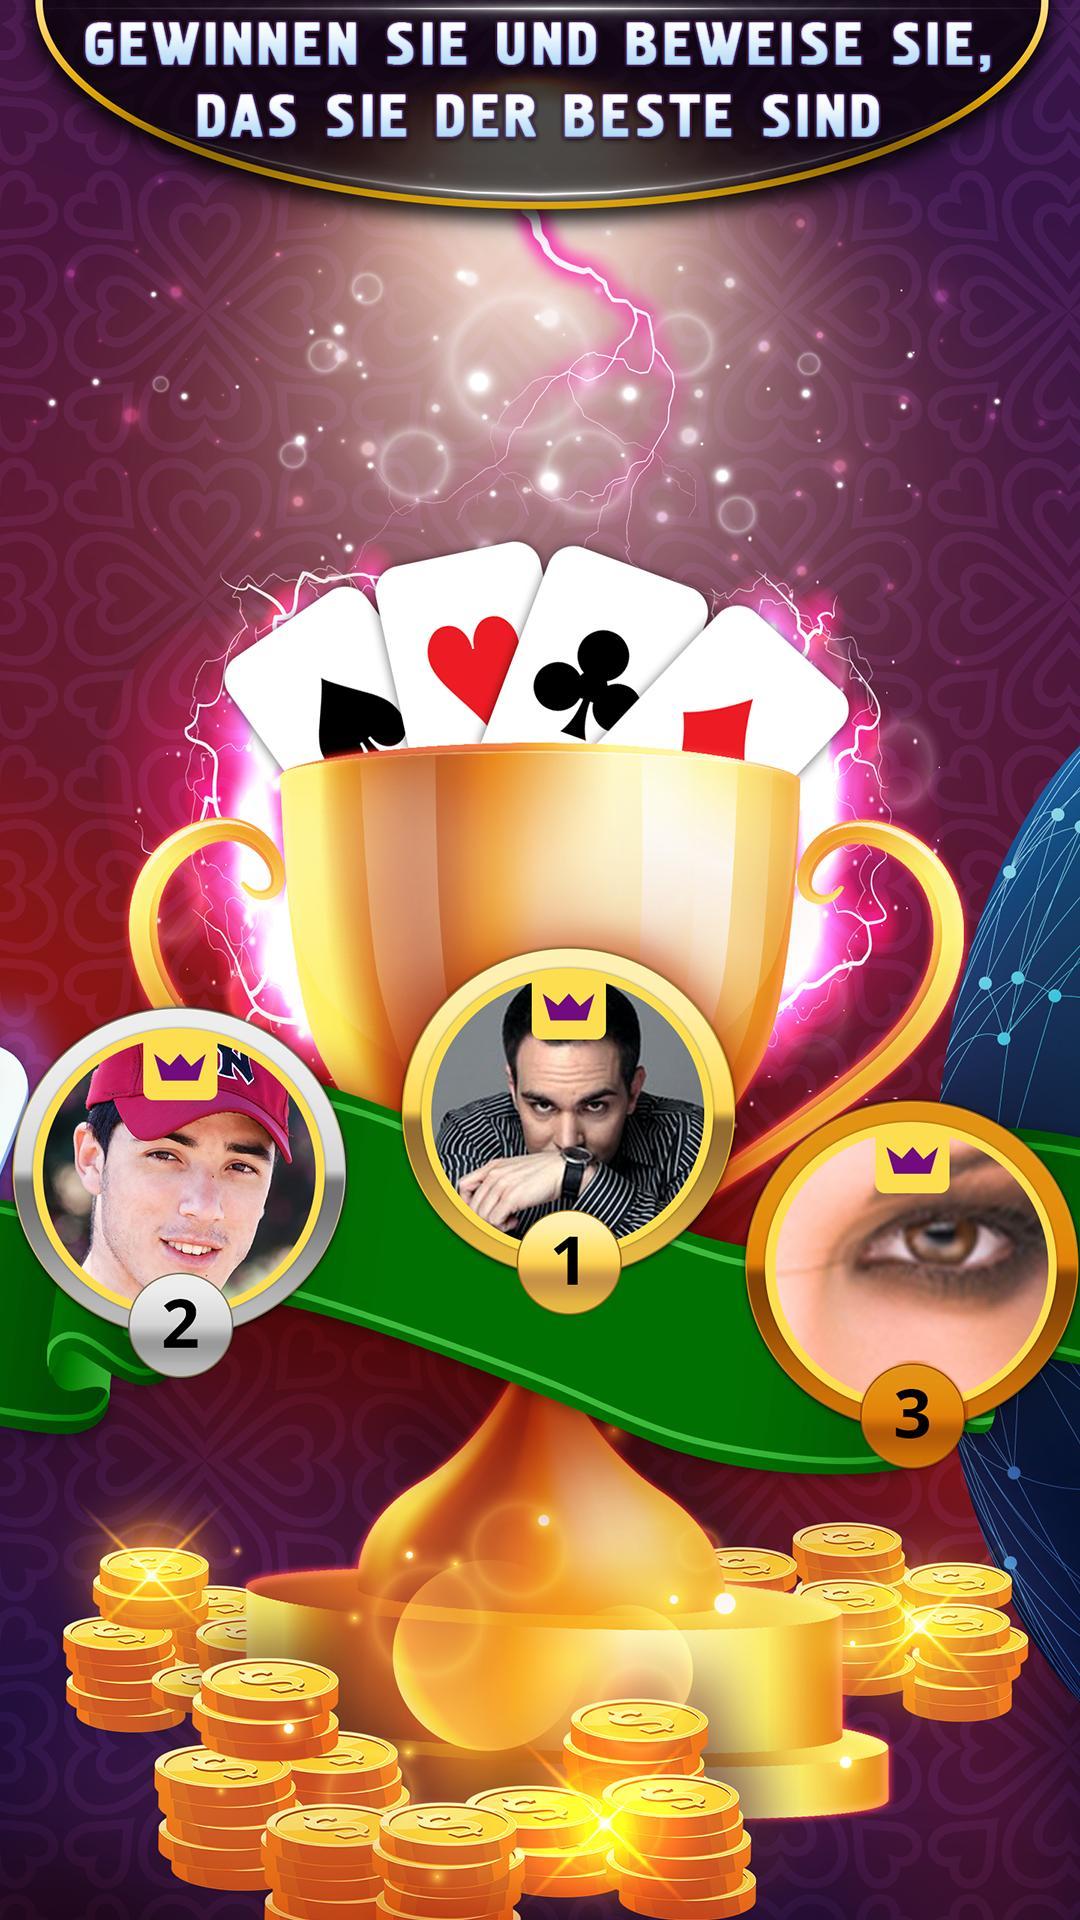 Hearts Kartenspiel Kostenlos Downloaden